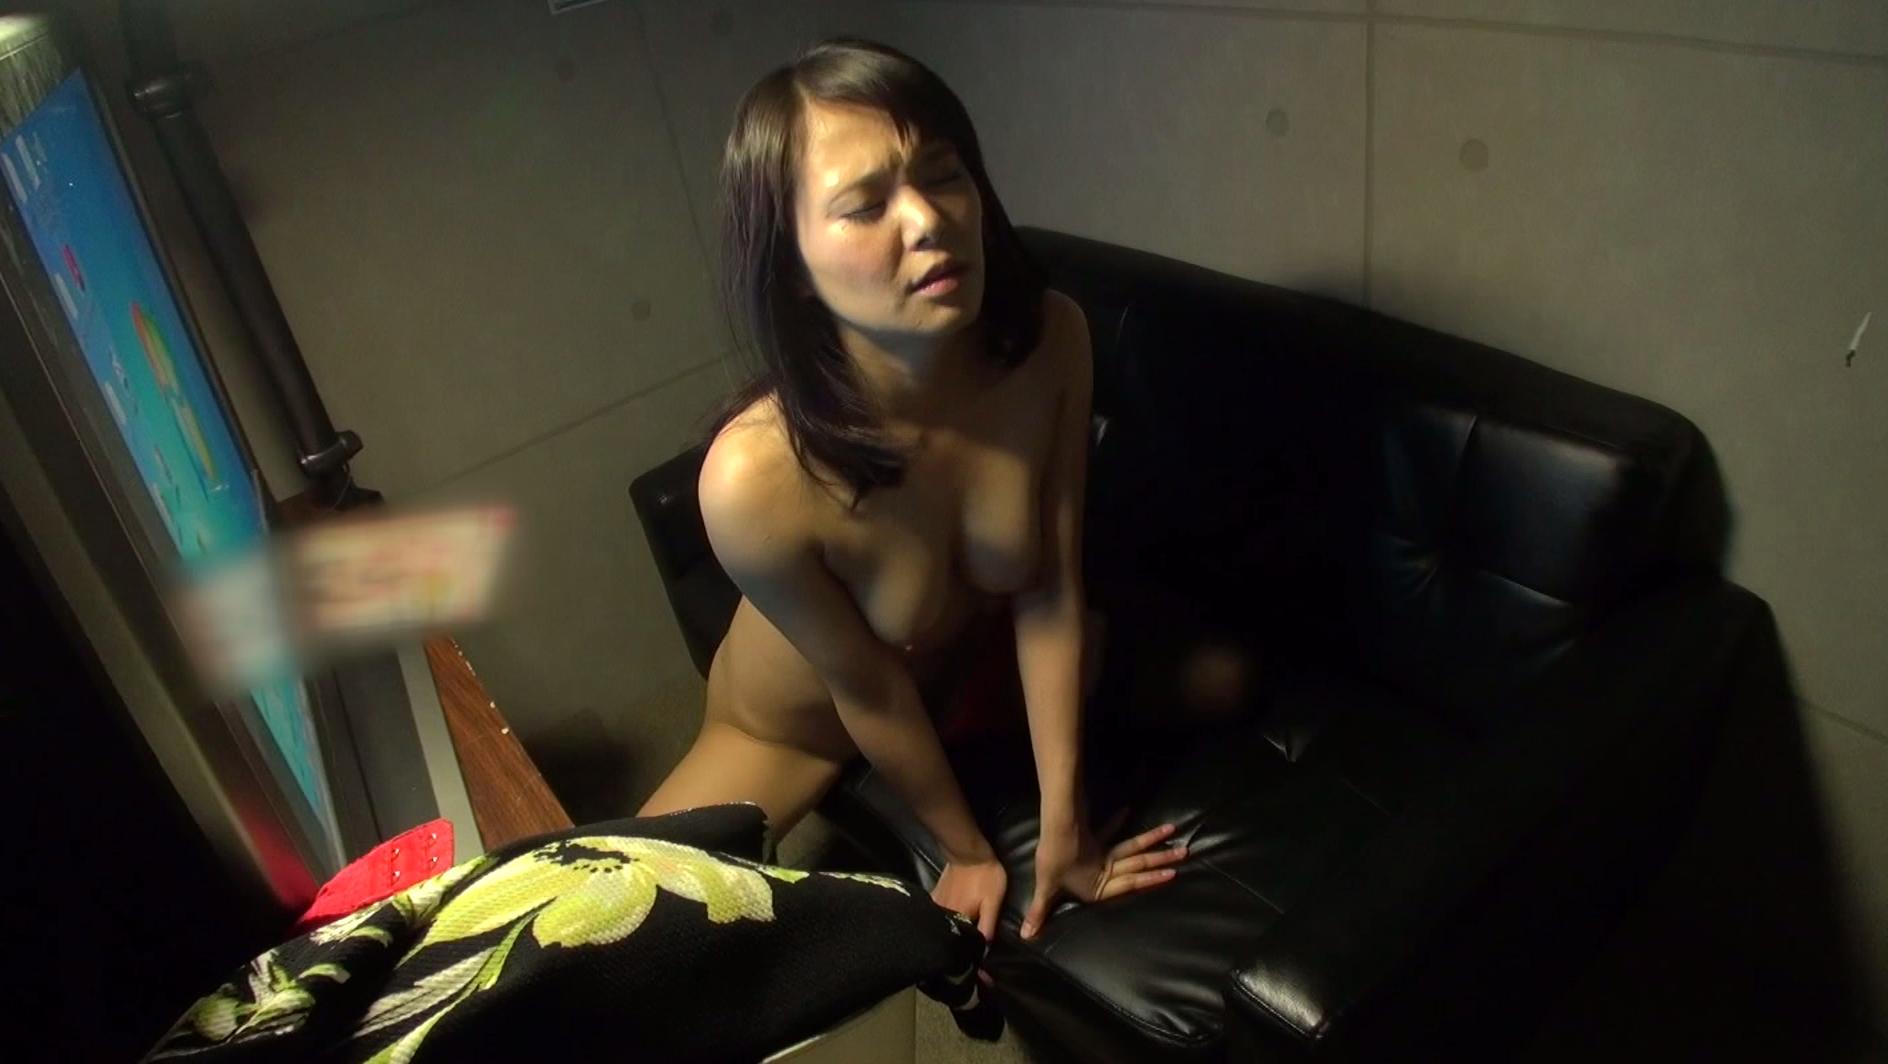 ネカフェオナニーにハマる変態女の盗撮エロ画像30枚・26枚目の画像